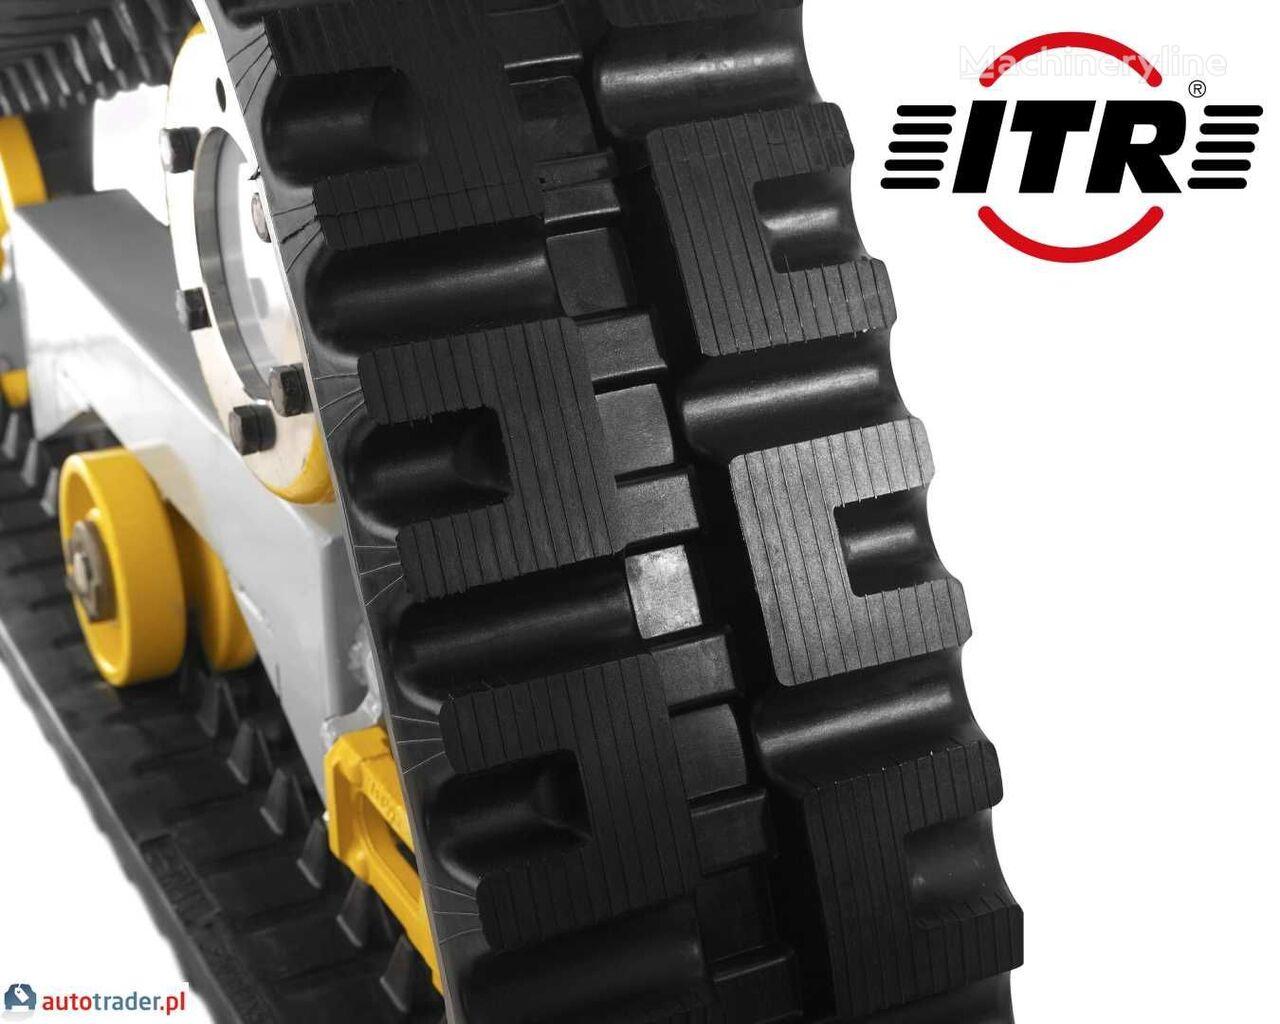 oruga de caucho para ITR PEL JOB LS406 2016r ITR mini excavadora